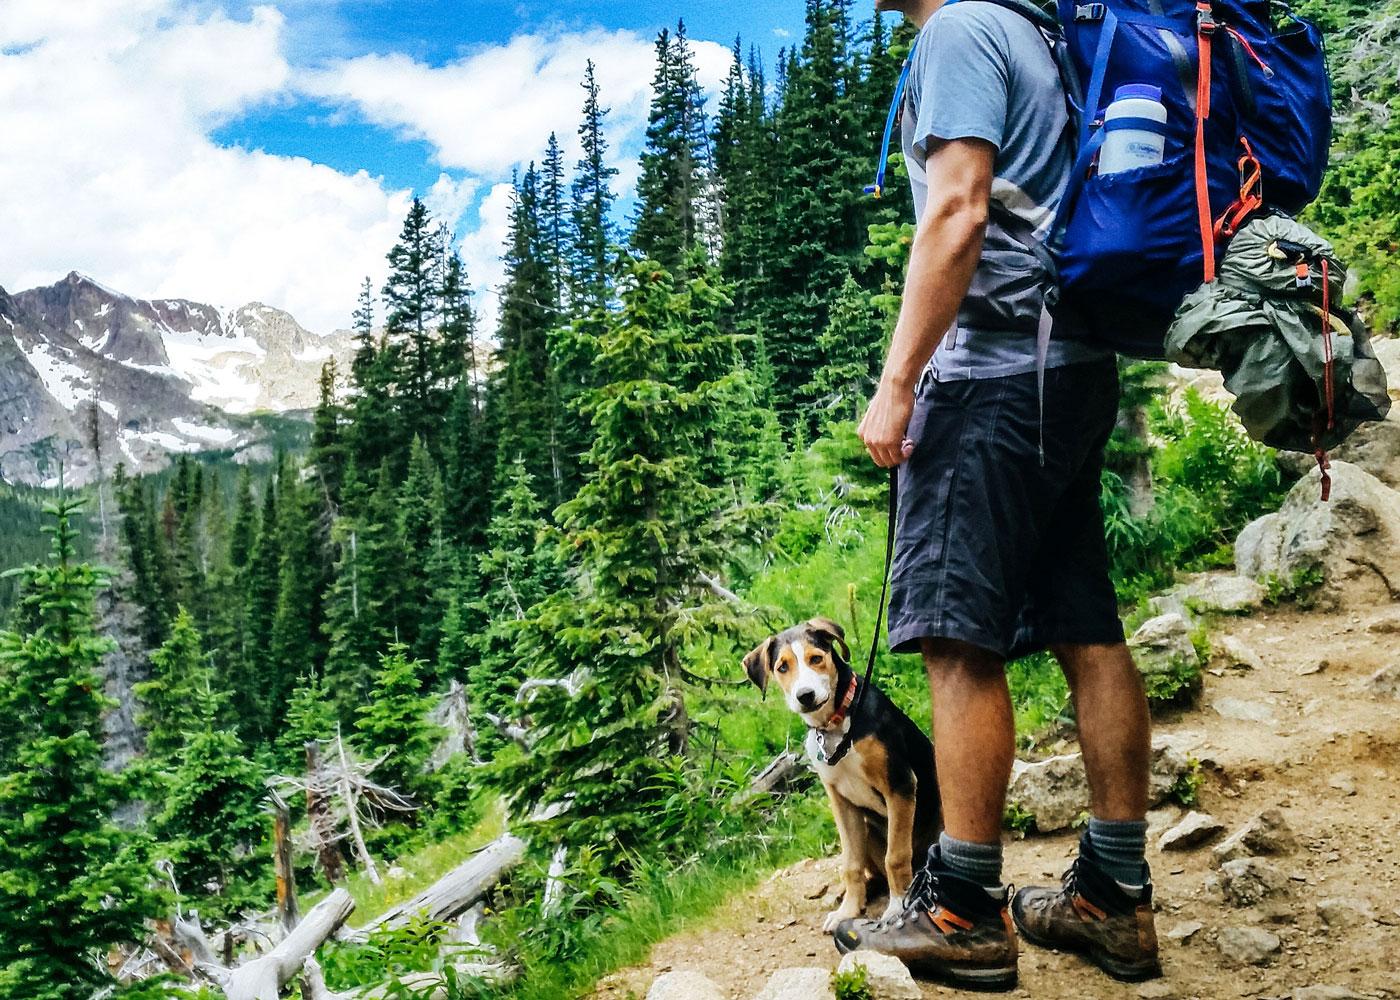 Herrchen mit Hund beim Wandern - Wanderurlaub mit Hund